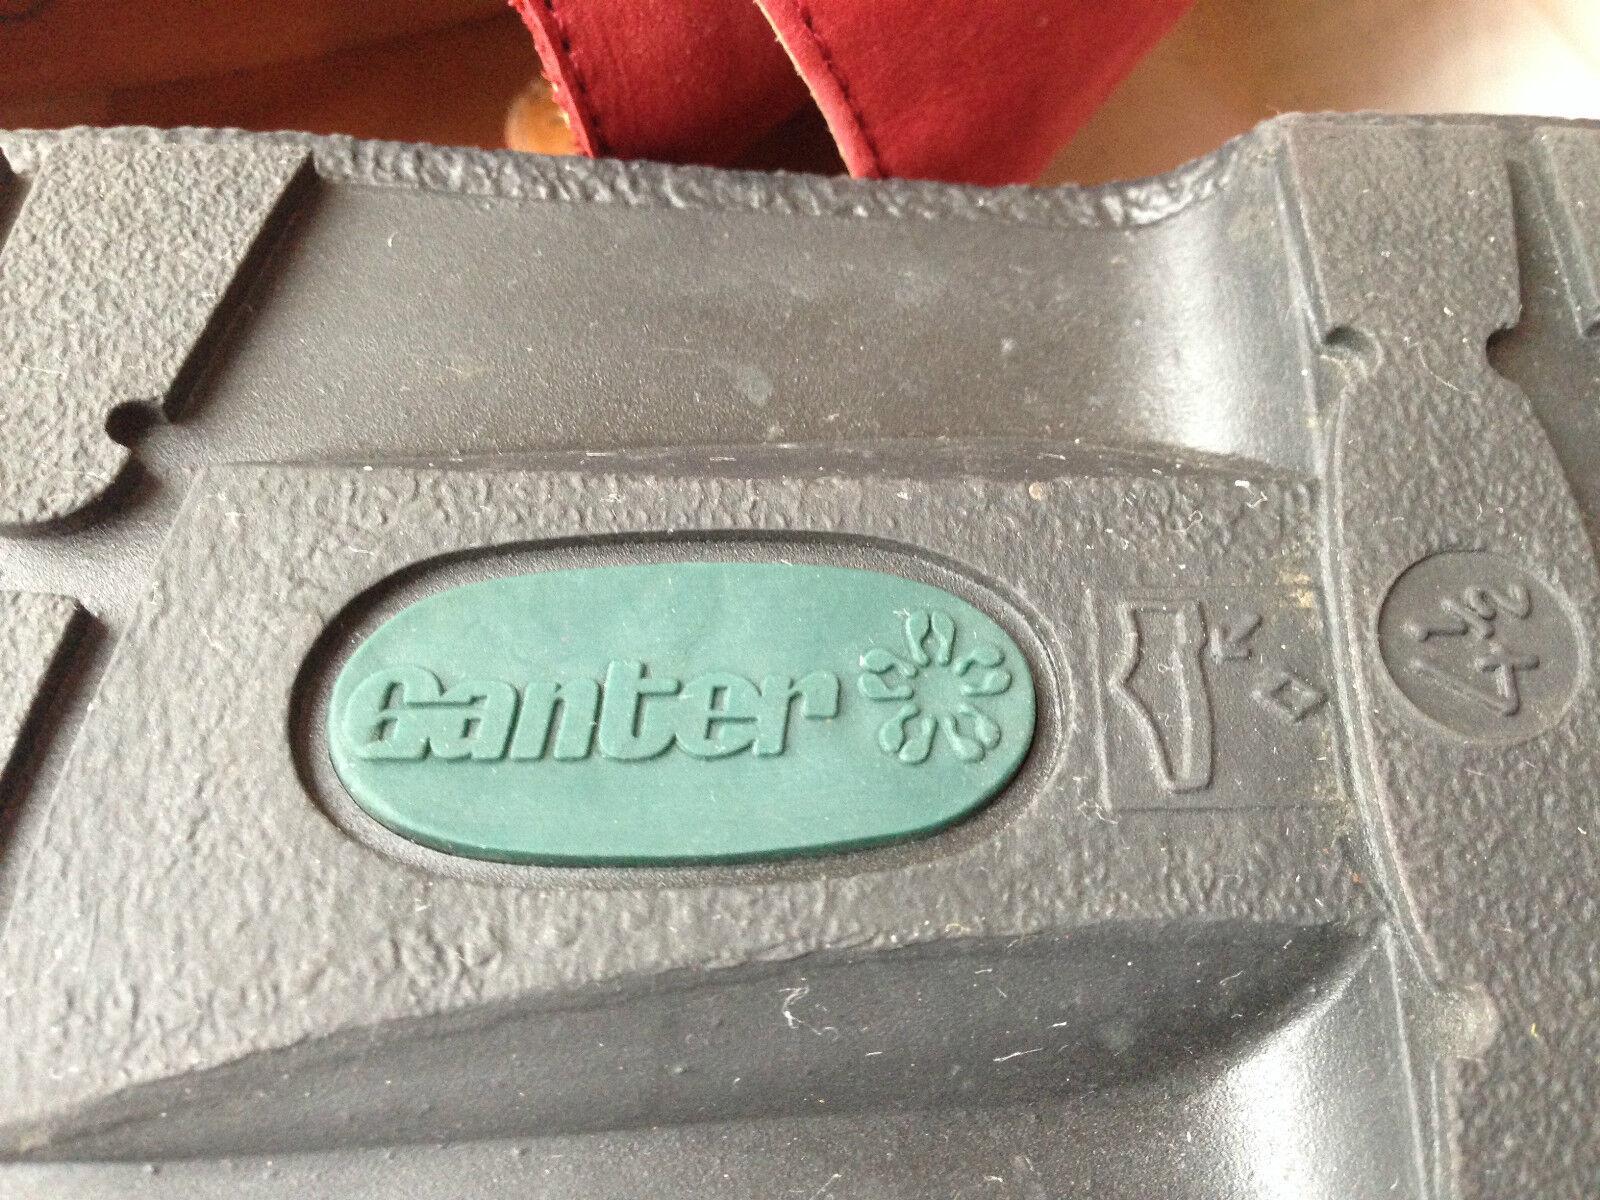 Ganter Donna Originale Vario Comfort 37.5 in Camoscio Rosso Tg EU 37.5 Comfort 446339